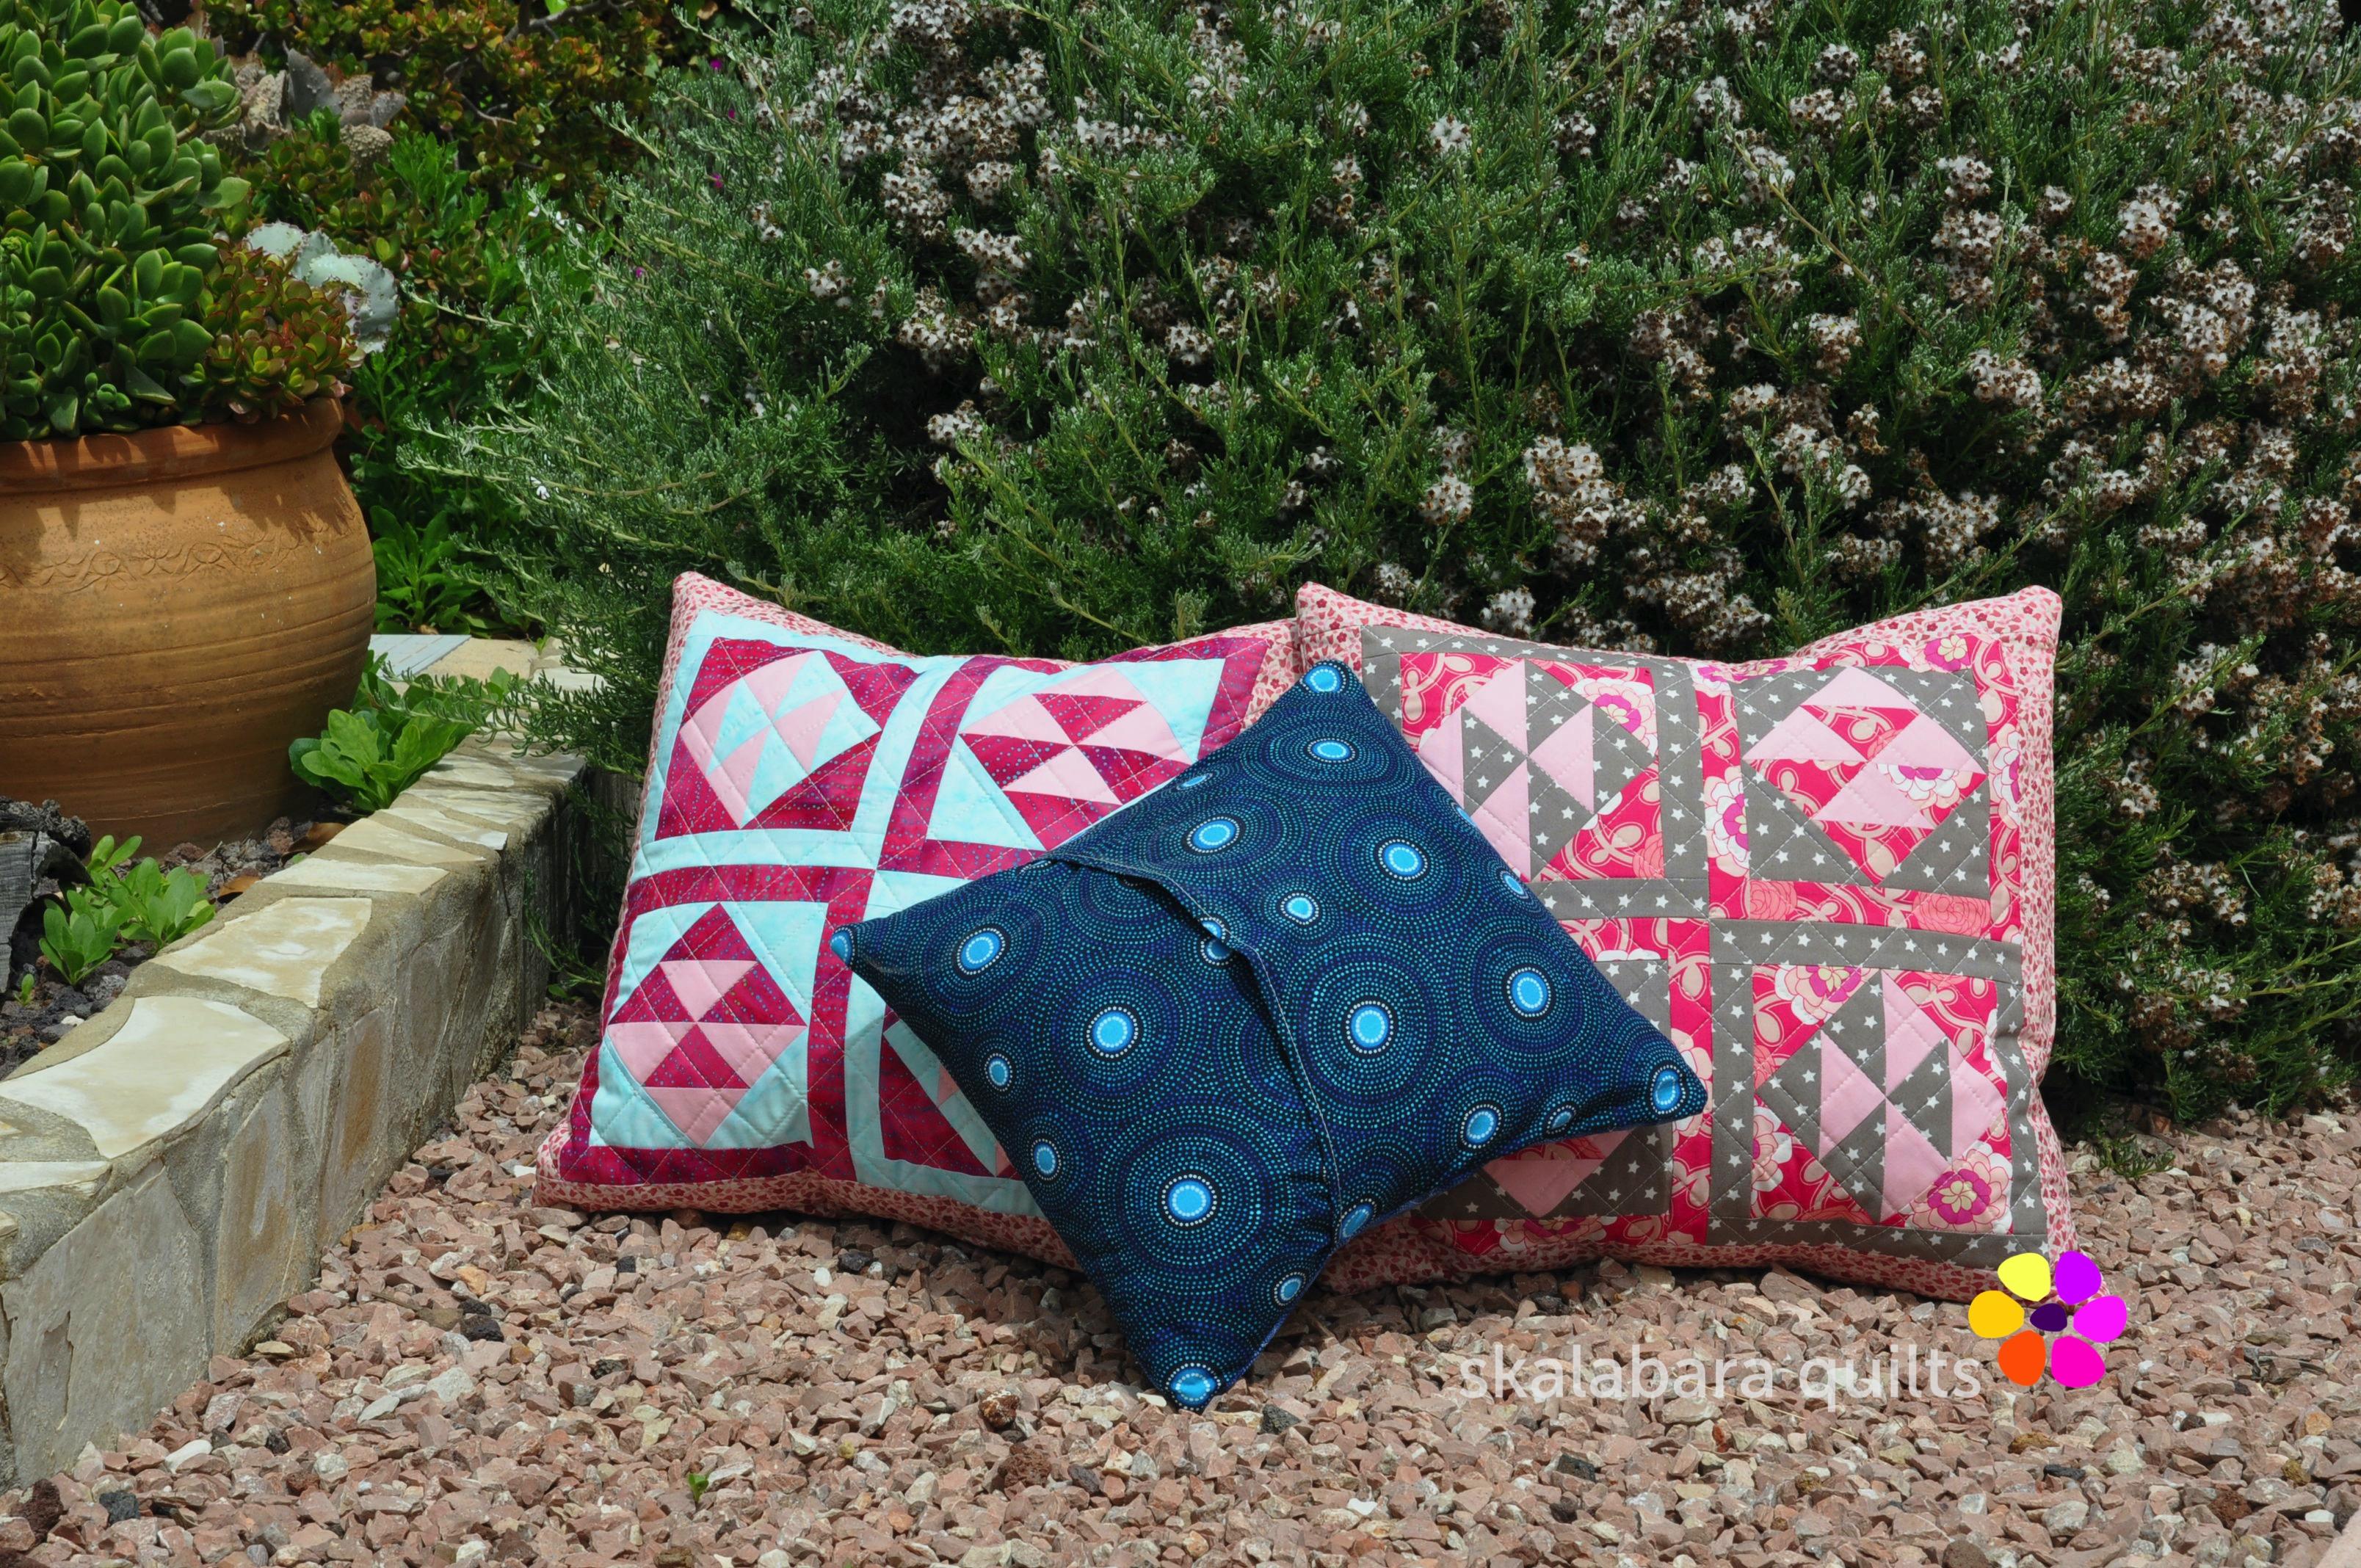 broken dishes cushions backing 2 - skalabara quilts